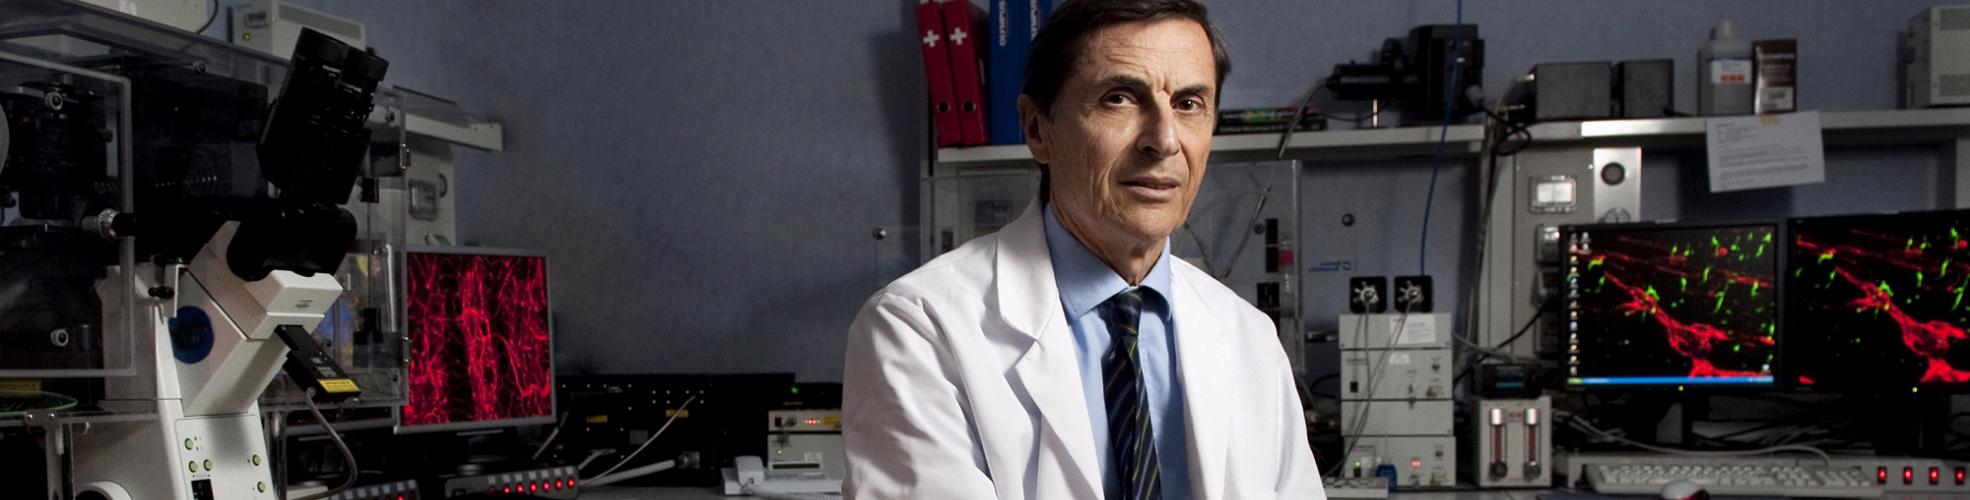 Cancro, Mantovani premiato